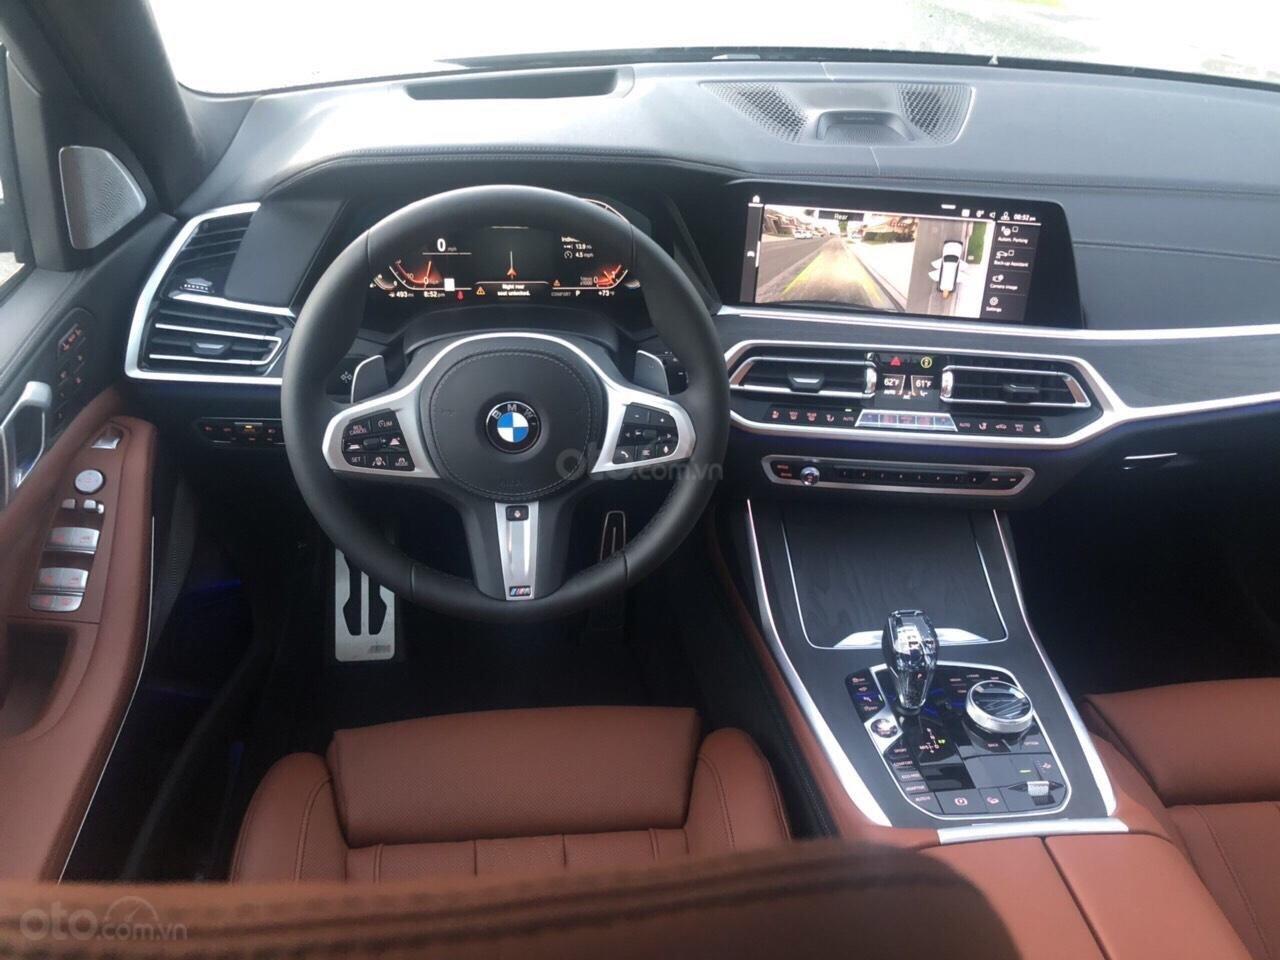 Bán ô tô BMW X7 xDrive 40i sản xuất 2019, màu đen, nhập khẩu, mới 100%. LH 0945.39.2468-5